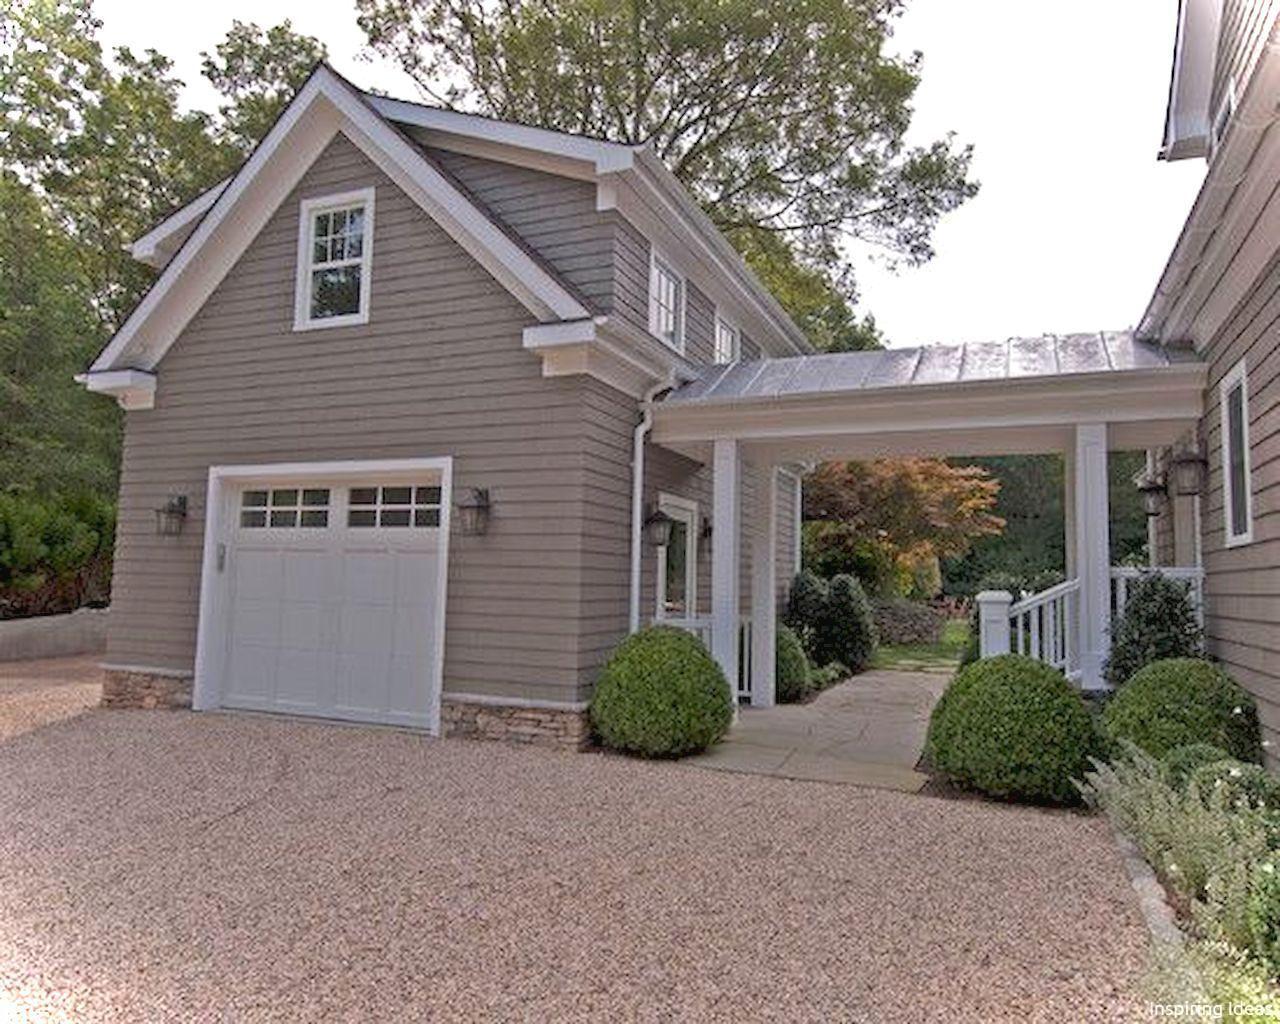 44 Best Small Cottage House Exterior 27 With Garage Lovelyving Com Detached Garage Designs Garage Design Garage Plans Detached